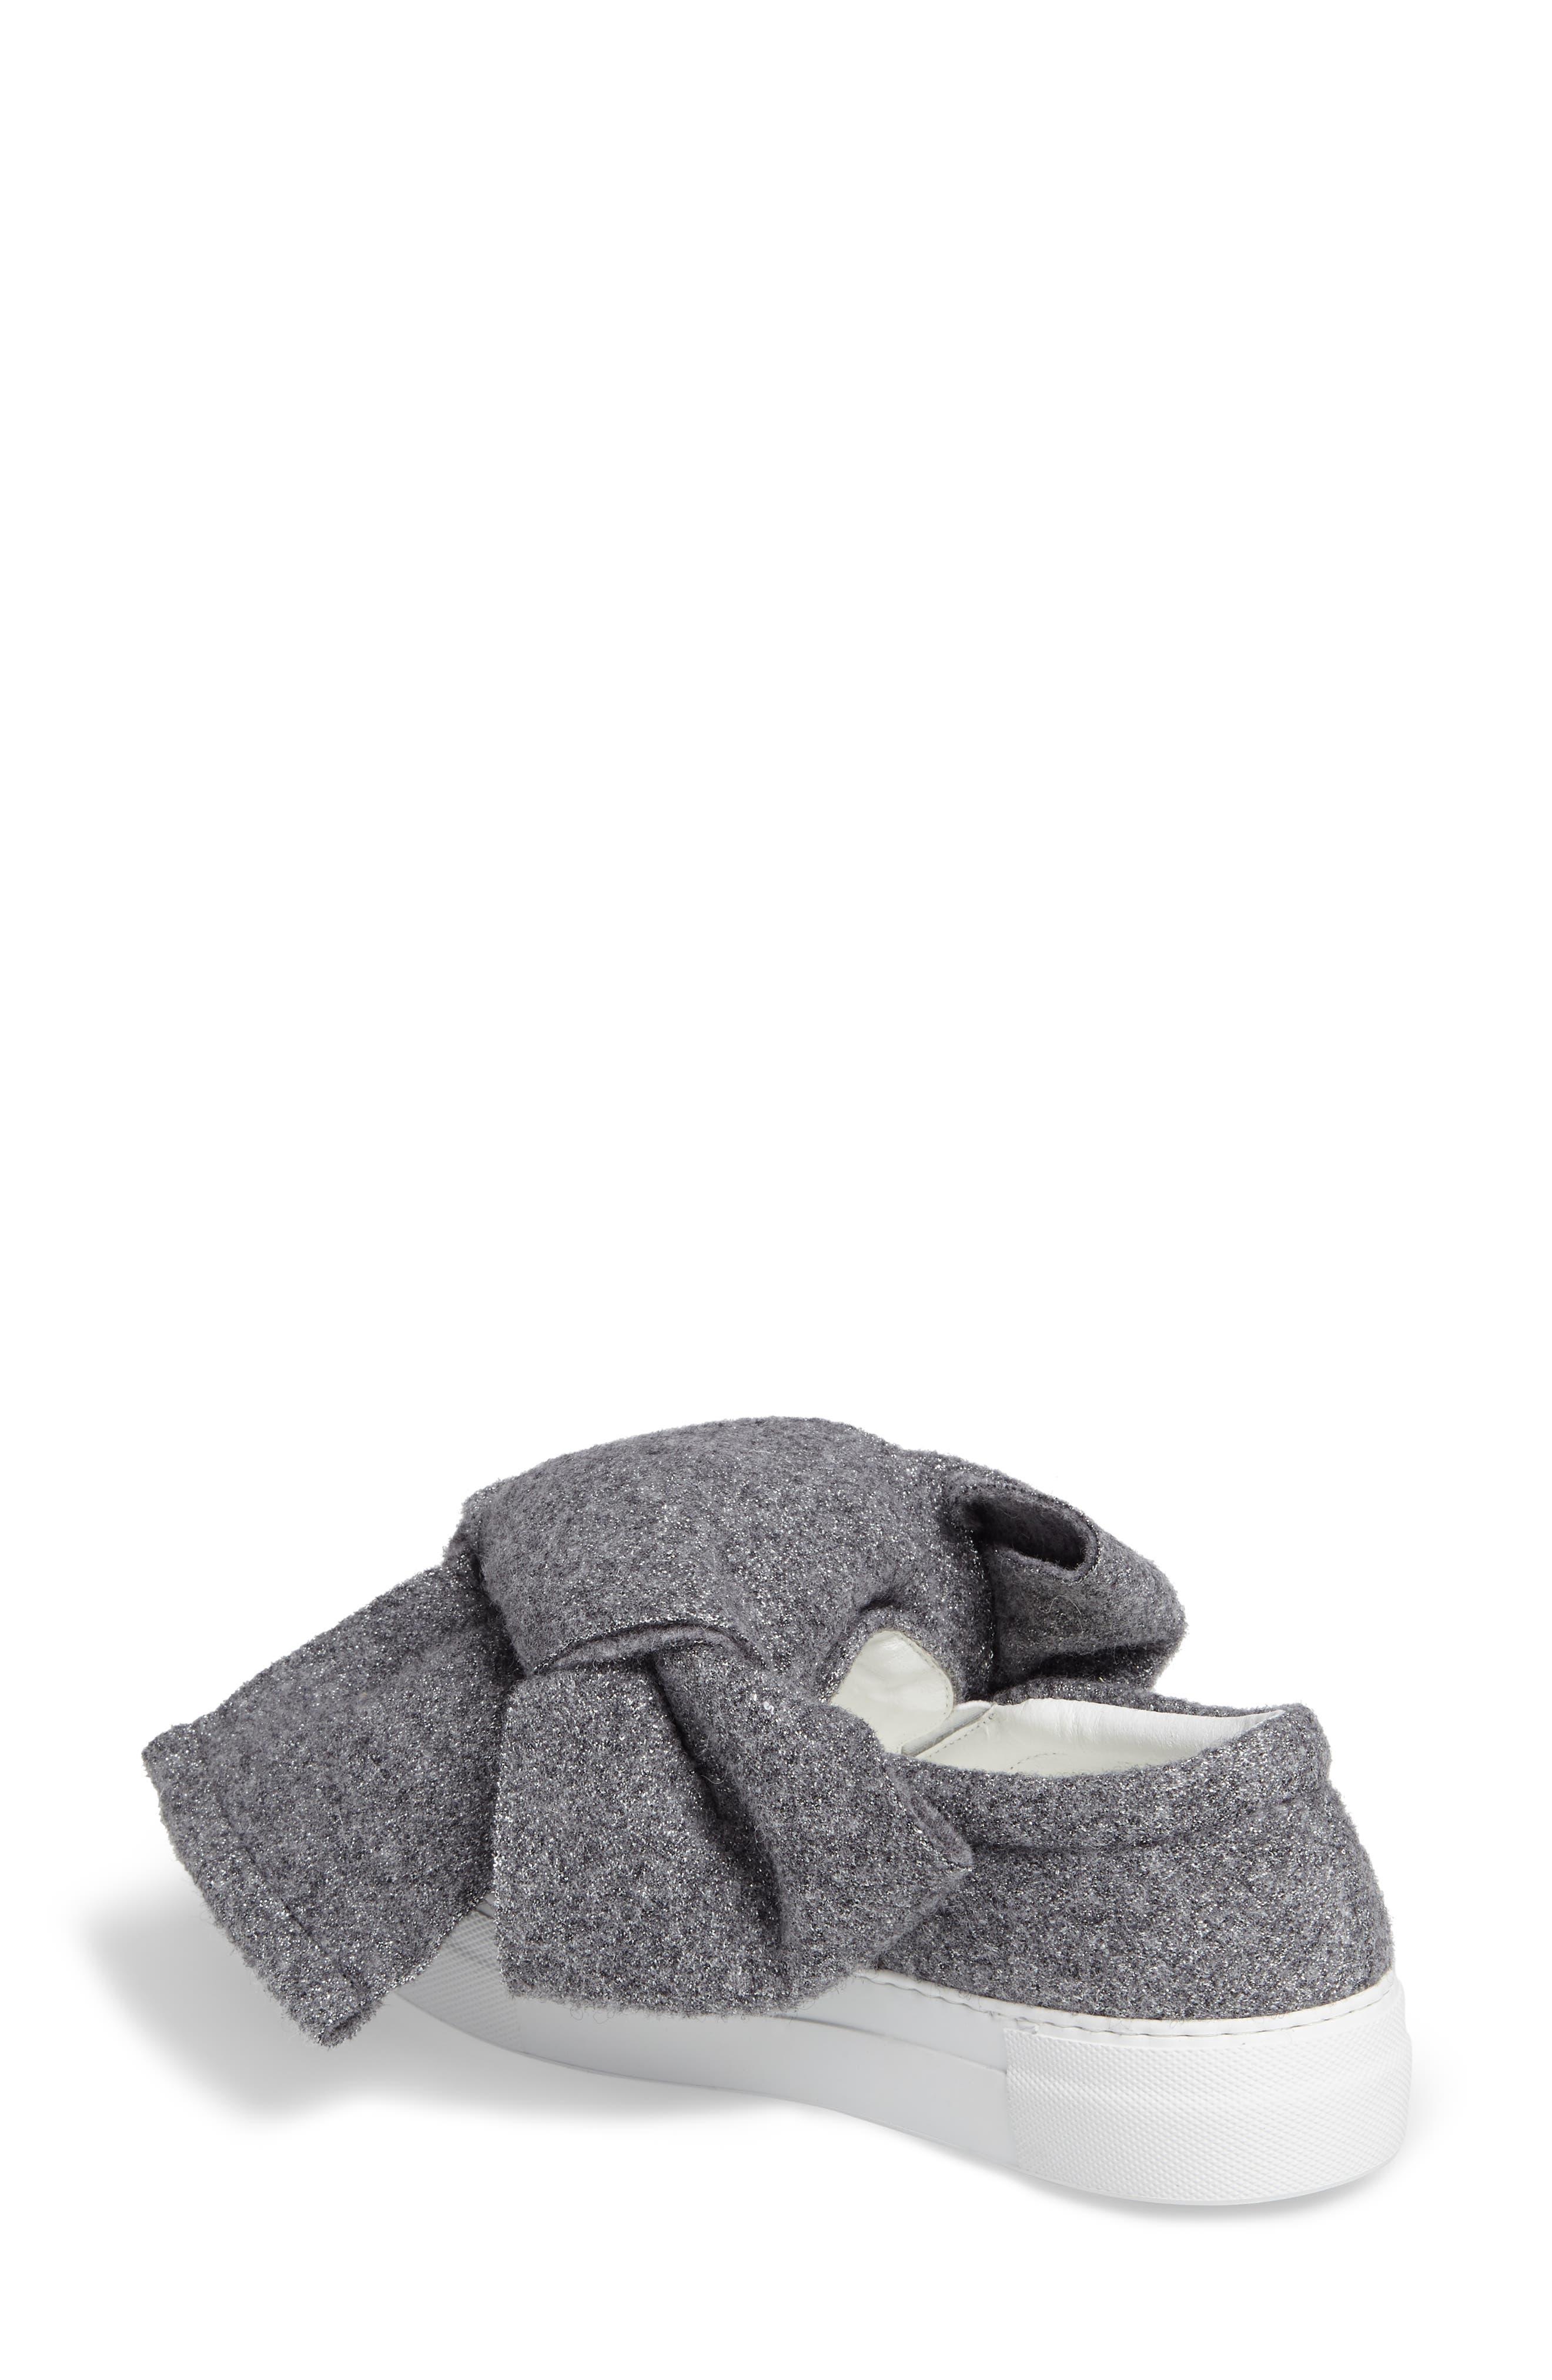 Bow Slip-On Sneaker,                             Alternate thumbnail 2, color,                             Grey Lurex Felt